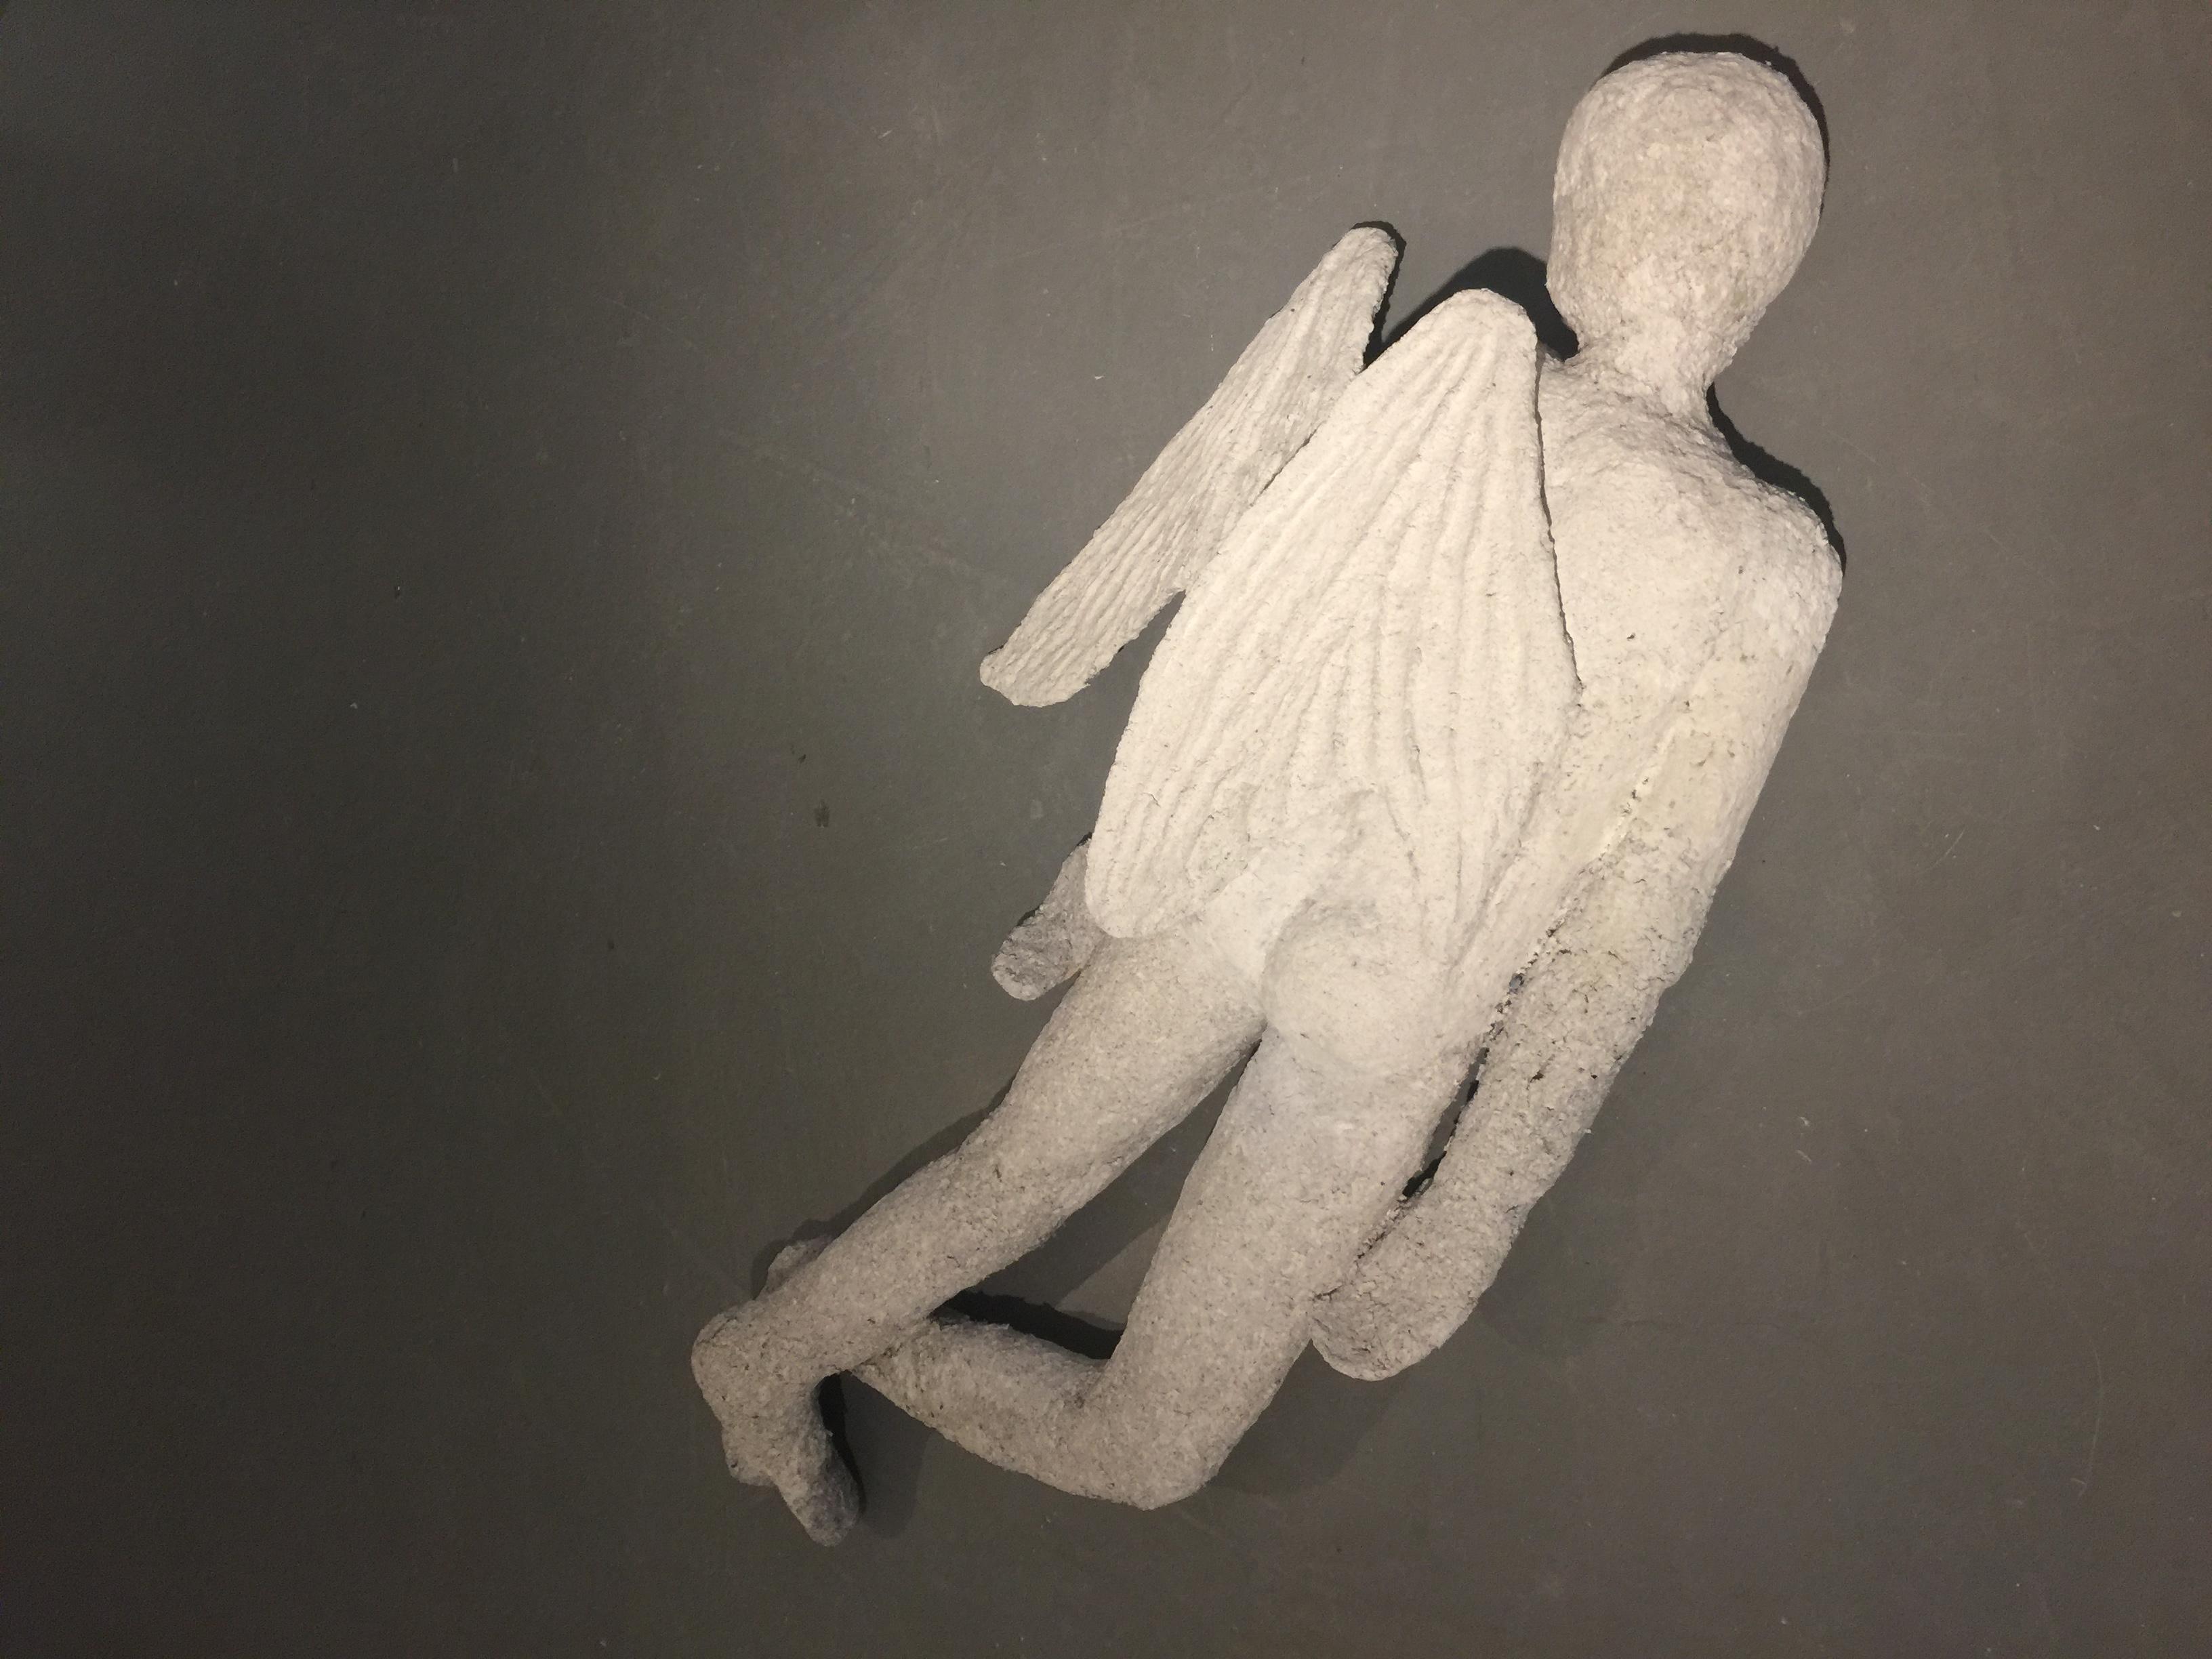 Dead angel - 2016 - papier mache - h